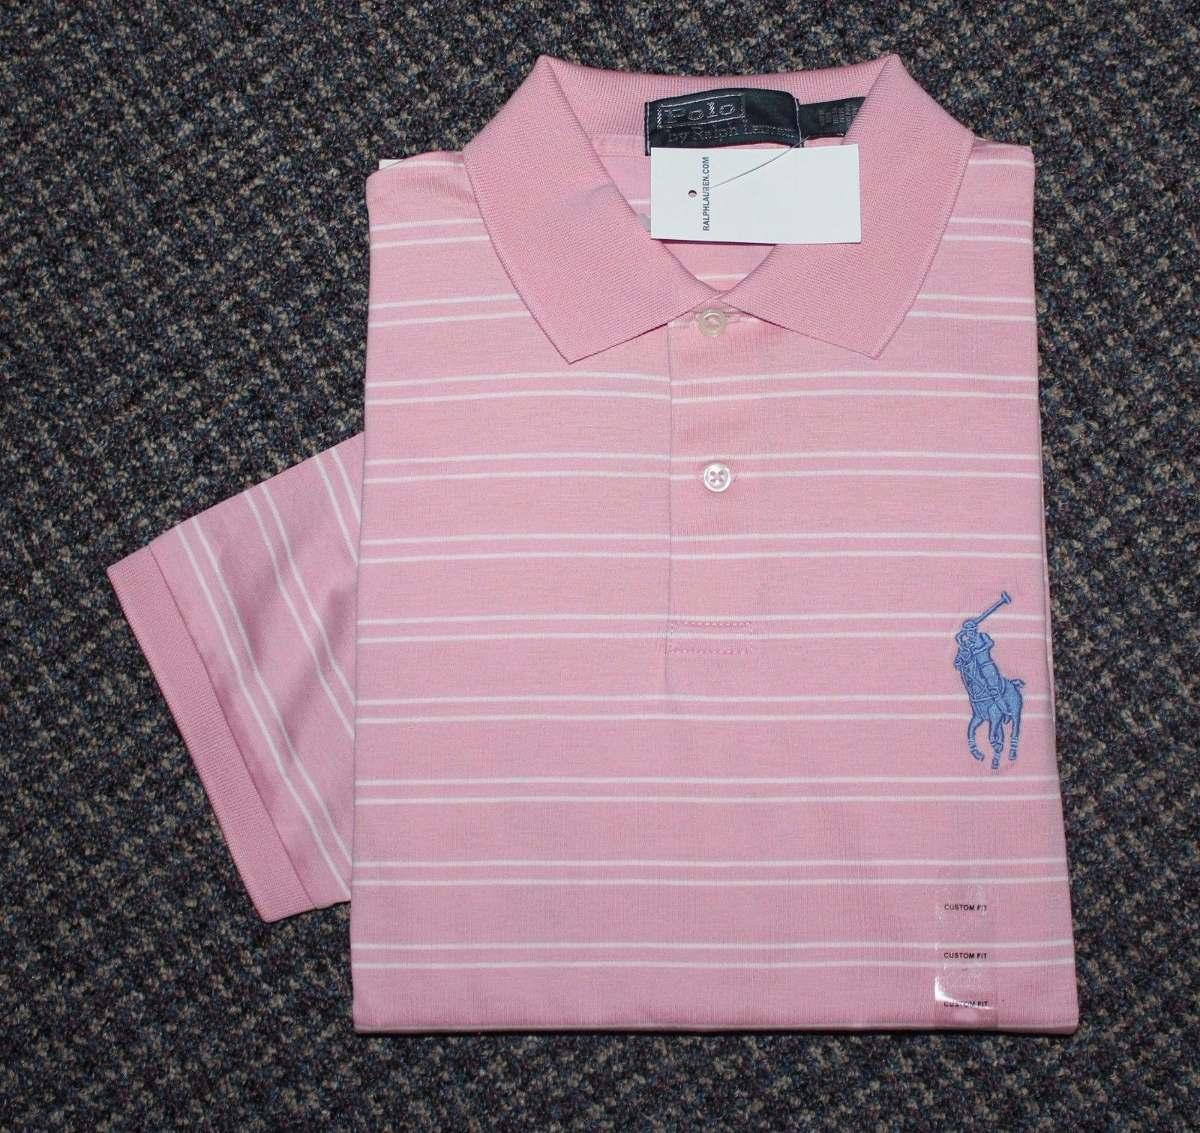 camisa polo ralph lauren tamanho gg   xl original big pony. Carregando zoom. 5119b1f3a20